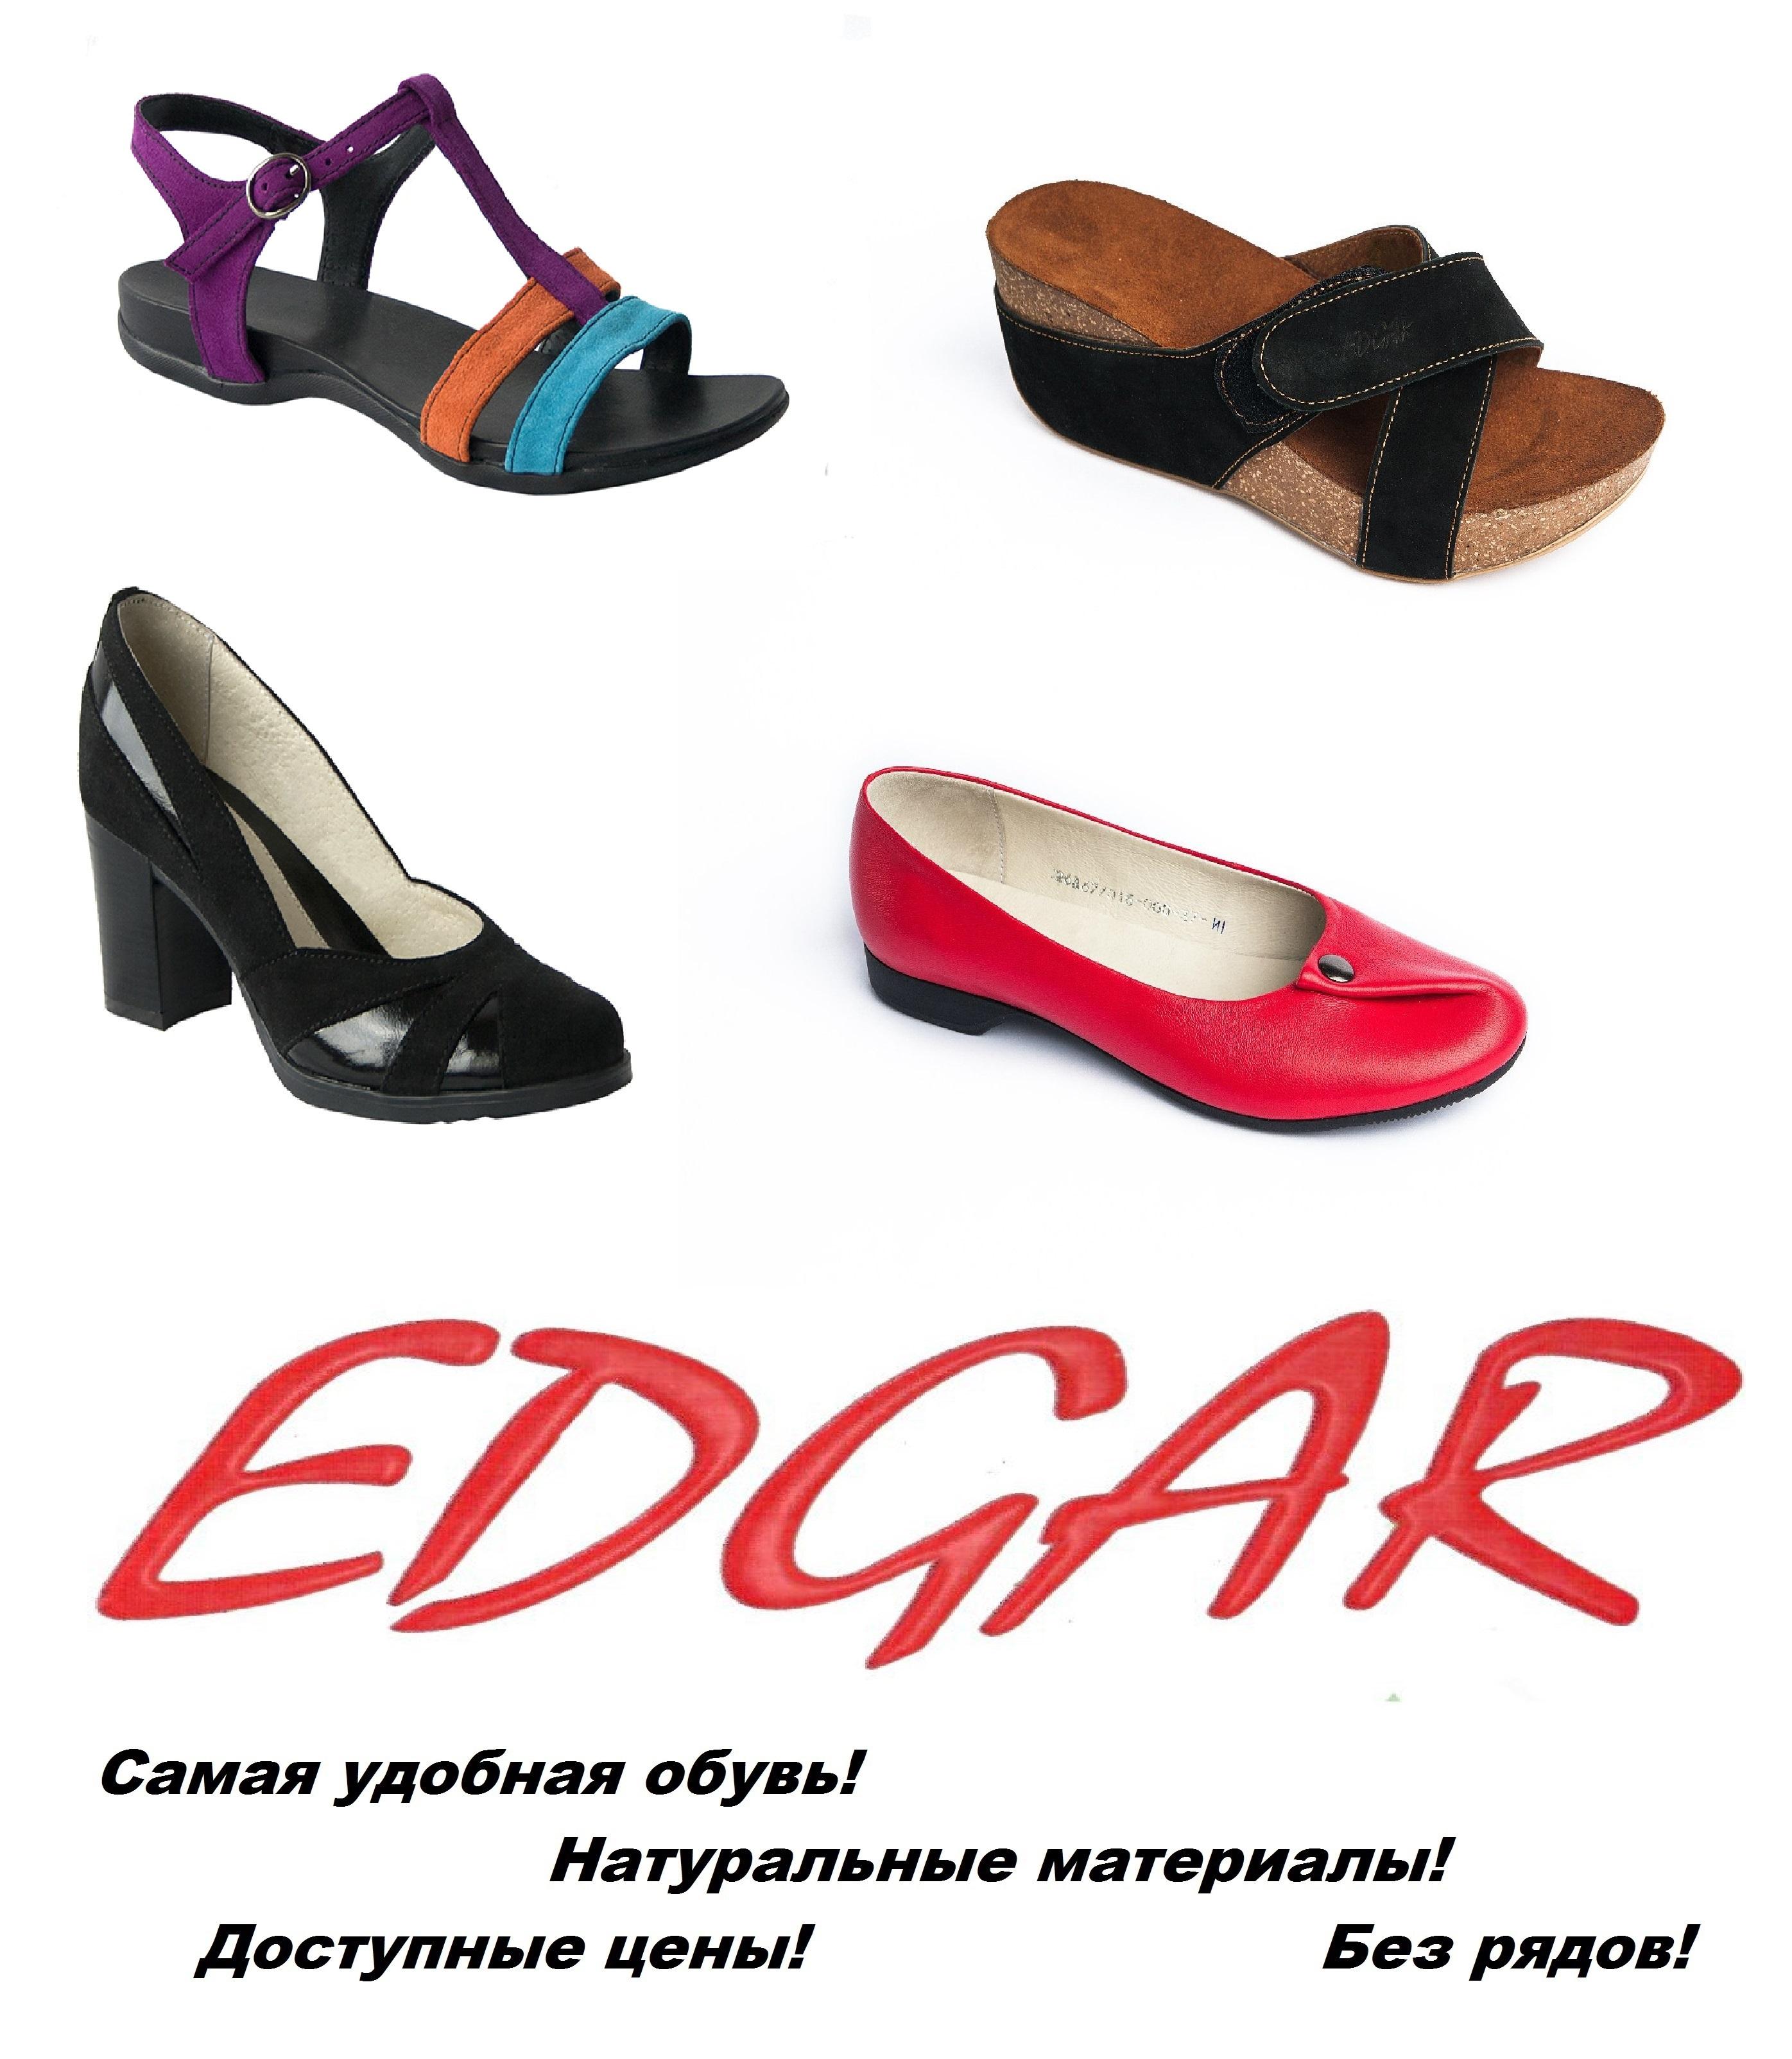 Каталог обуви в картинках